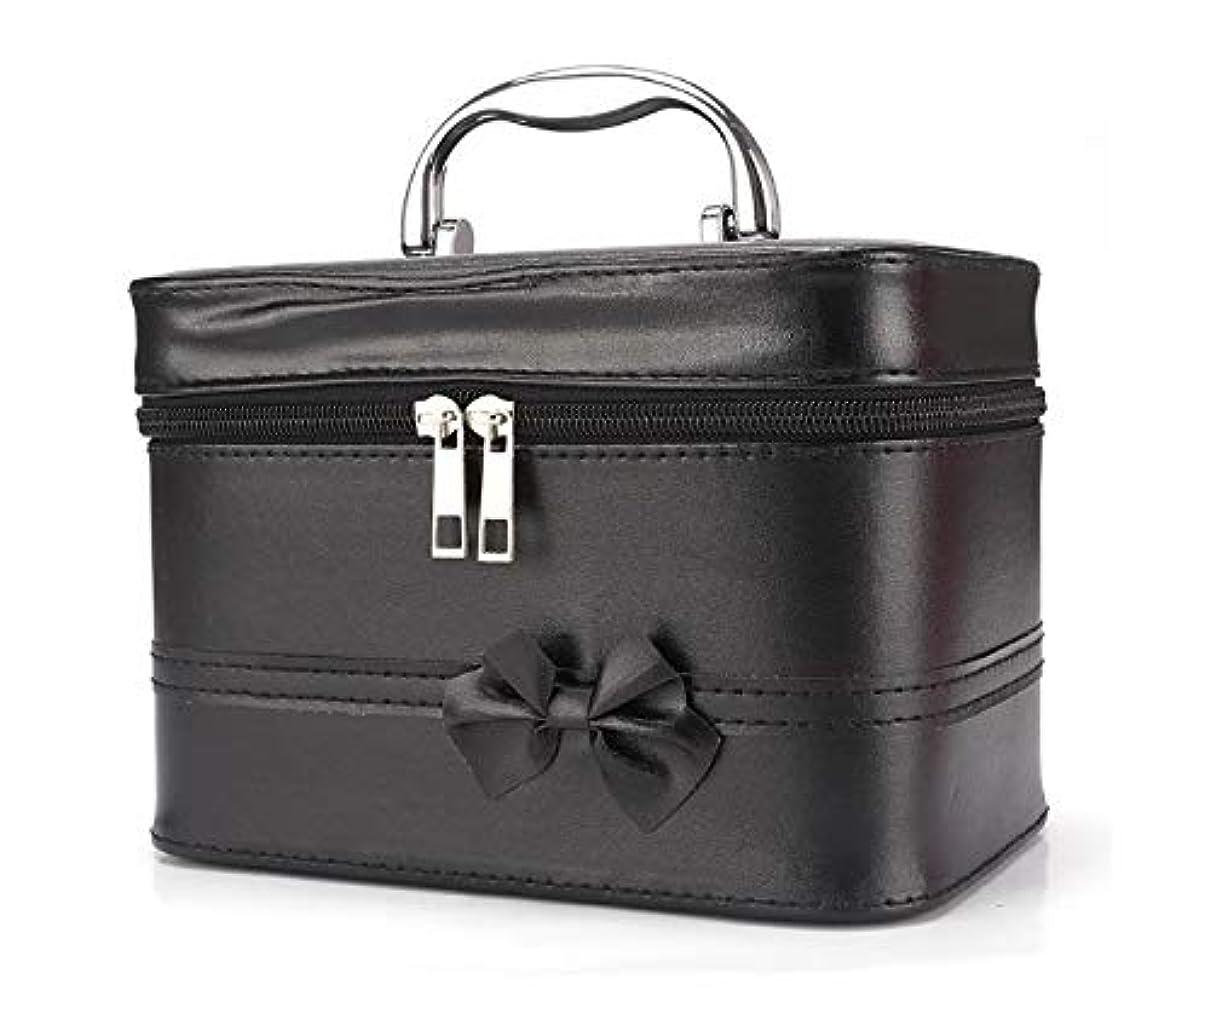 種困惑した弾薬化粧箱、弓スクエアポータブル化粧品袋、ポータブルポータブル旅行化粧品ケース、美容ネイルジュエリー収納ボックス (Color : ブラック)